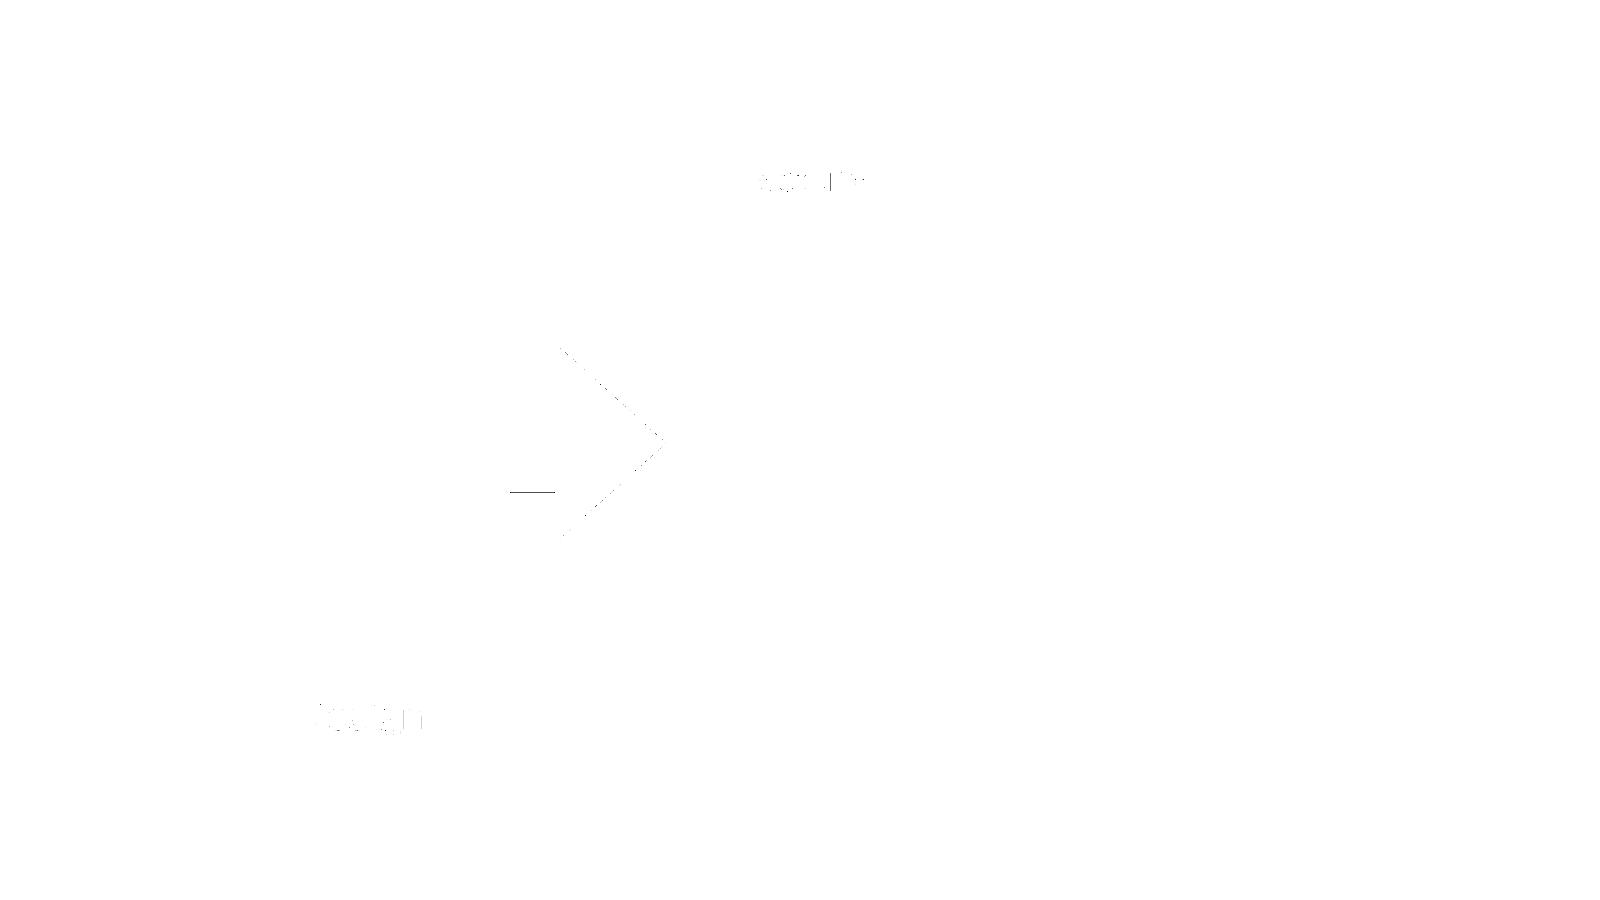 Slide 61